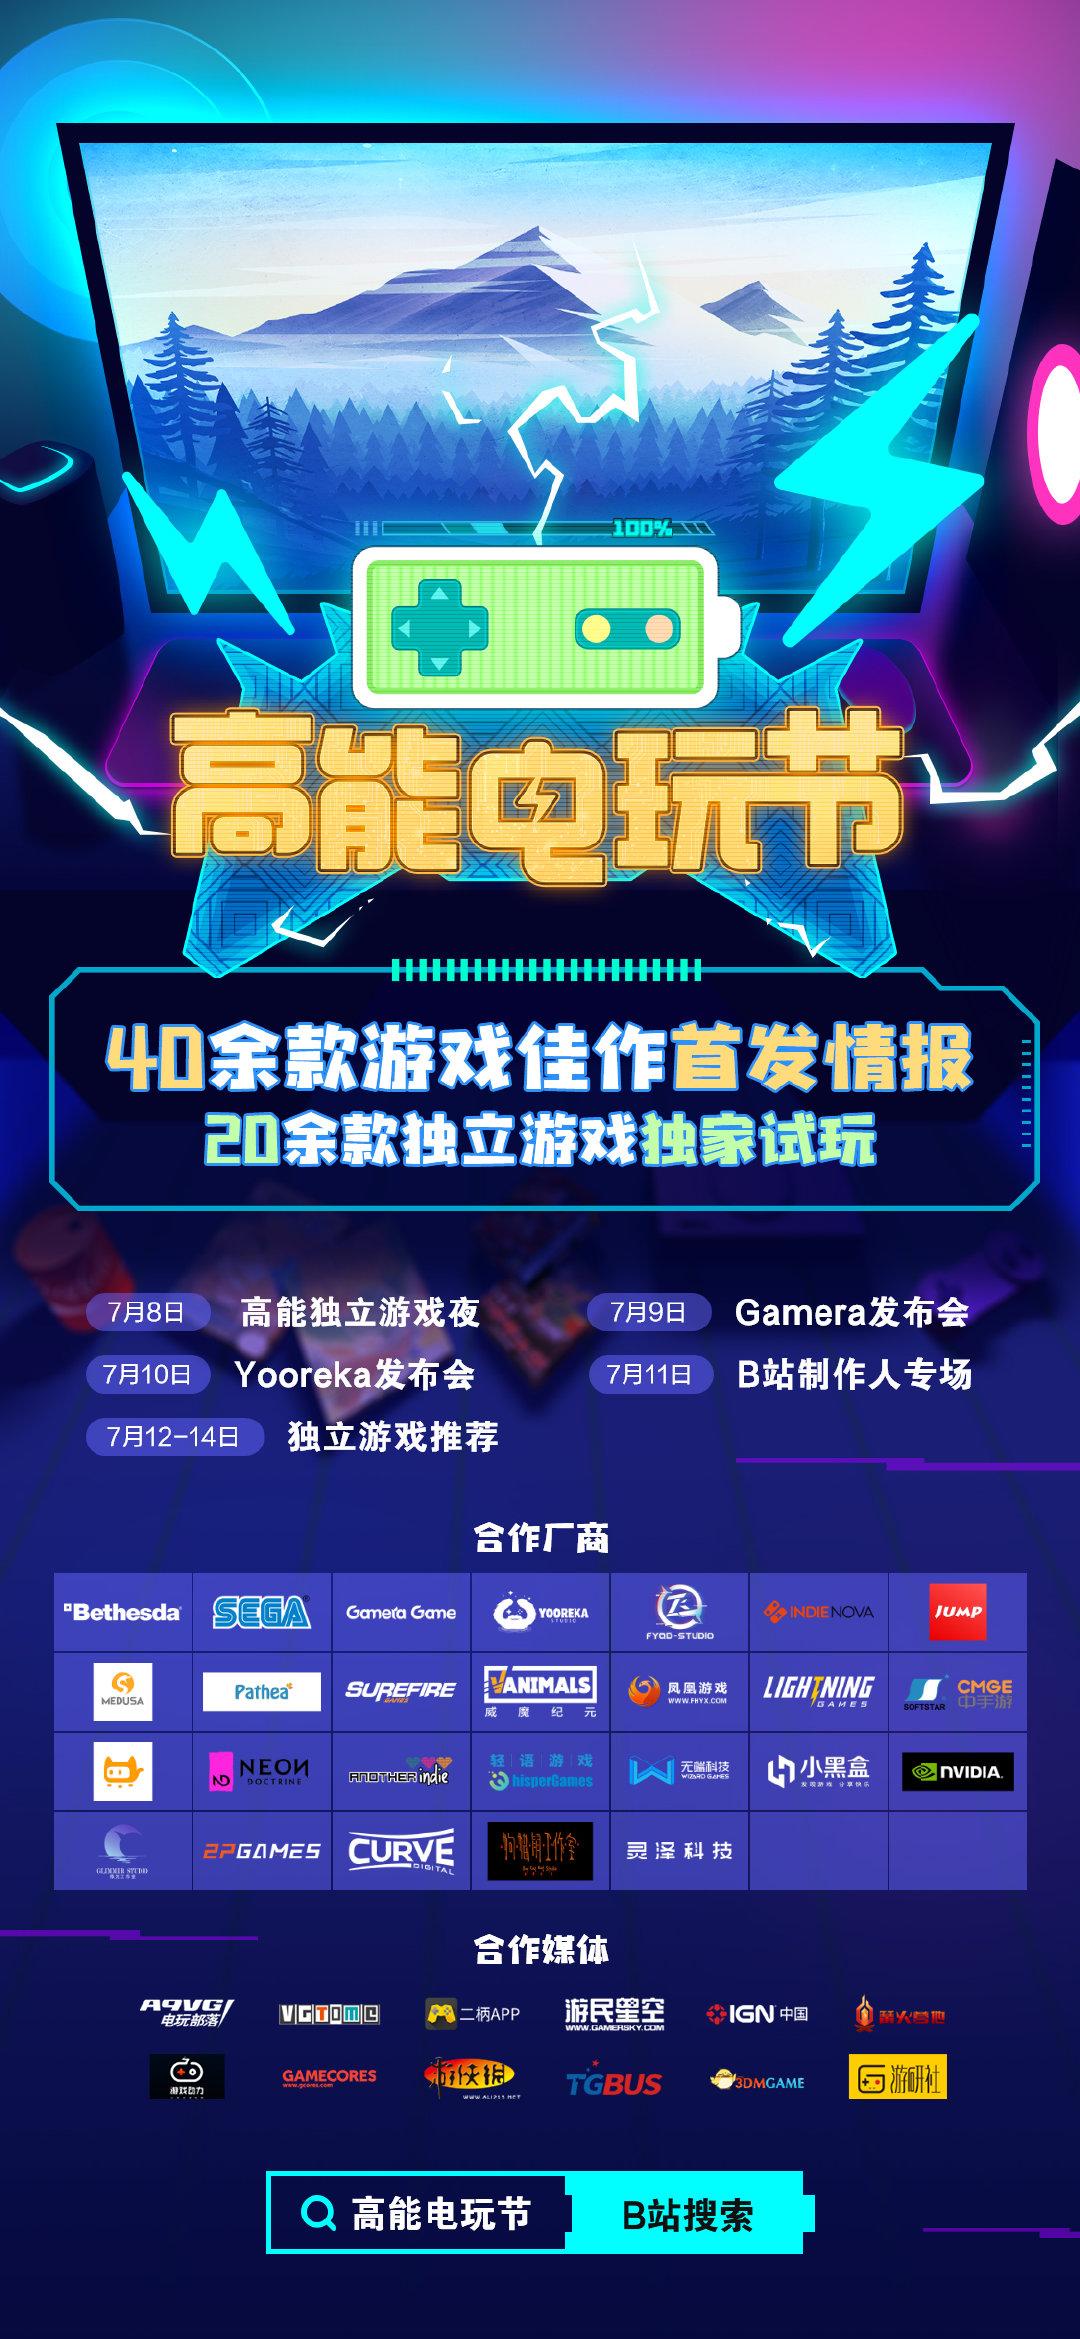 B站高能电玩节7月8日开启  40余款独立新游将首发